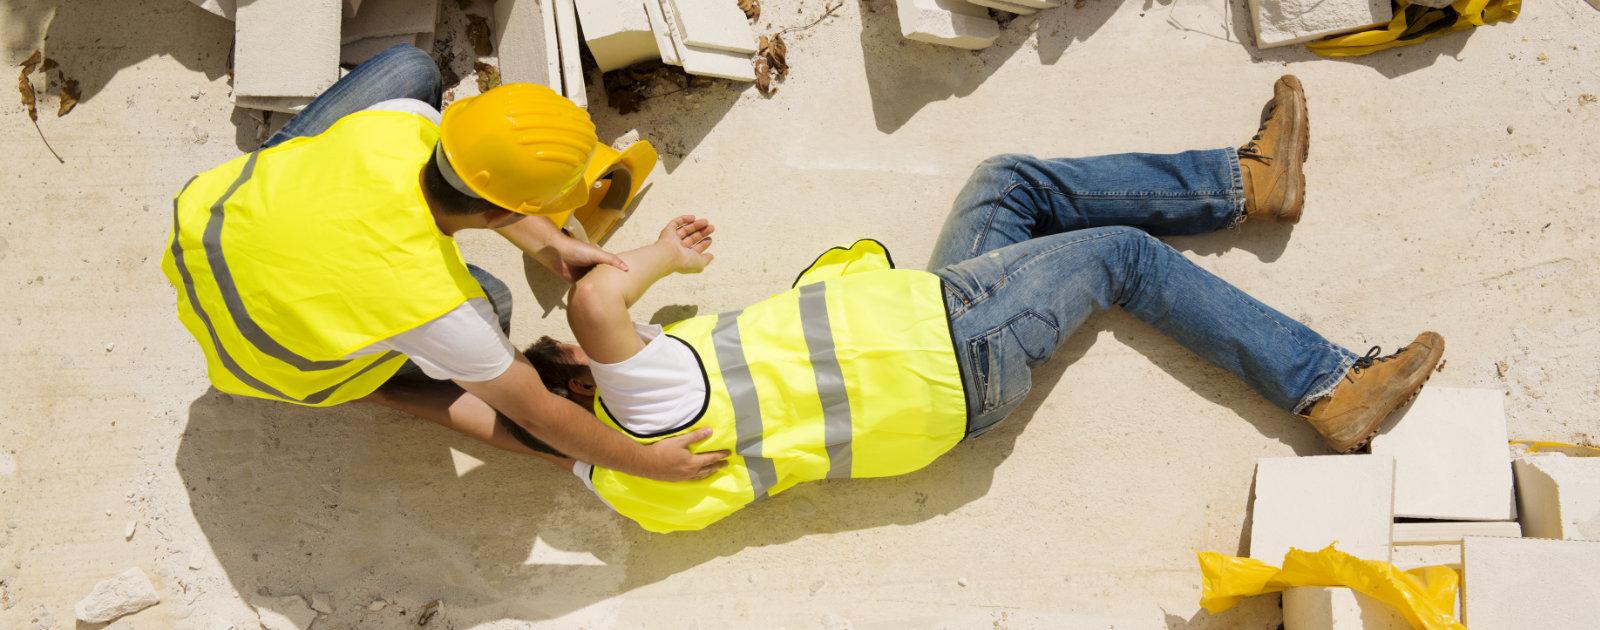 Man injured at work